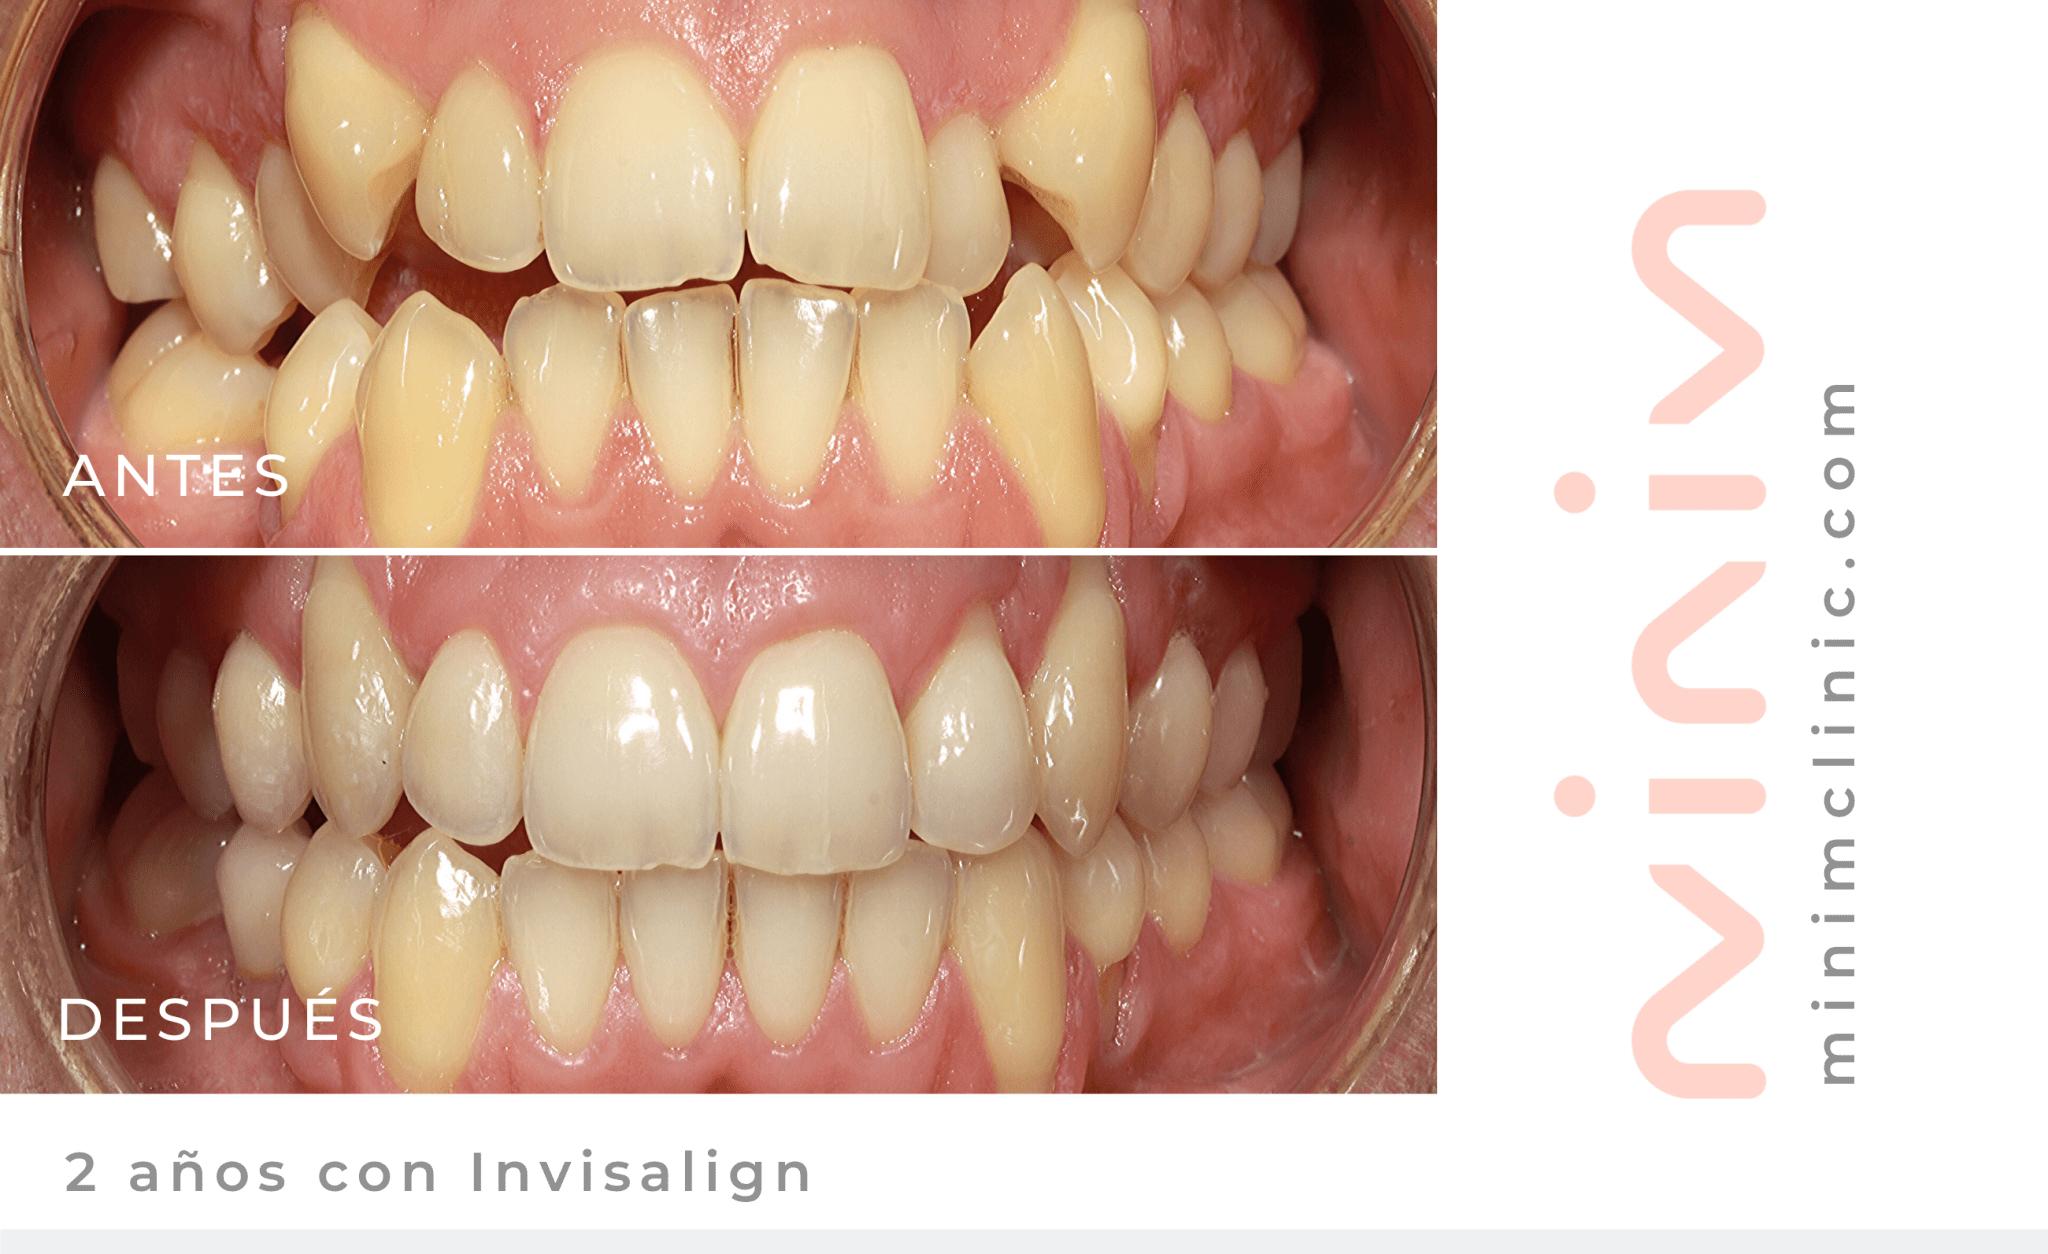 Foto del Antes y Después con Invisalign en Minim Clinic. Caso de Daniel tras 2 años con Invisalign. Él tenía mordida abierta y dientes apiñados. Ahora tiene sonrisa perfecta gracias a MINIM.